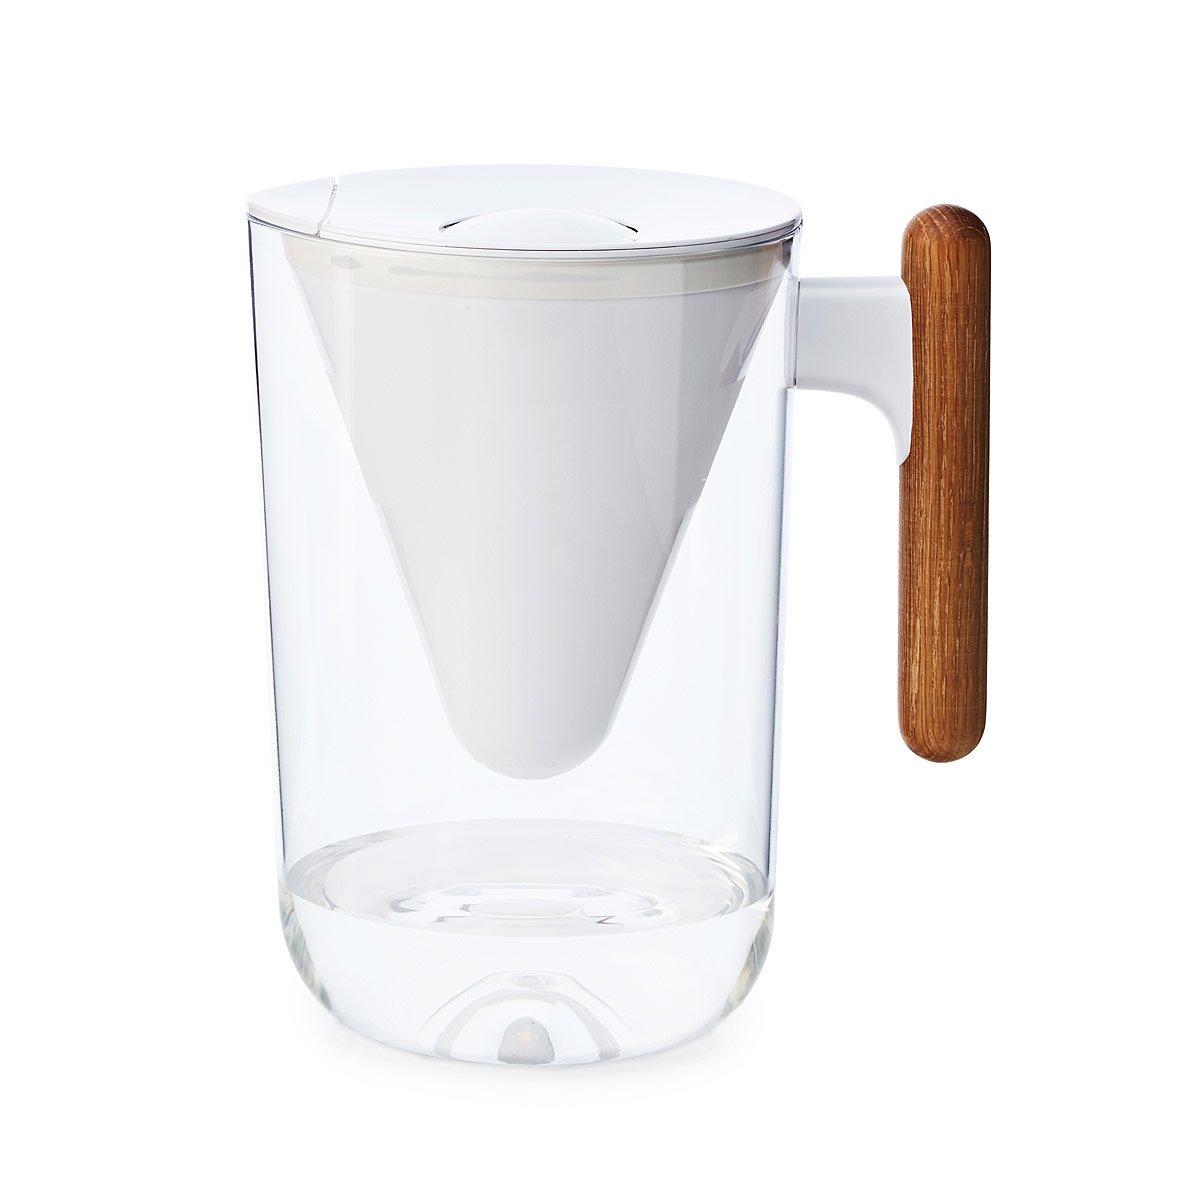 Sleek Sustainable Water Filter Pitcher Modern Kitchen Pitcher